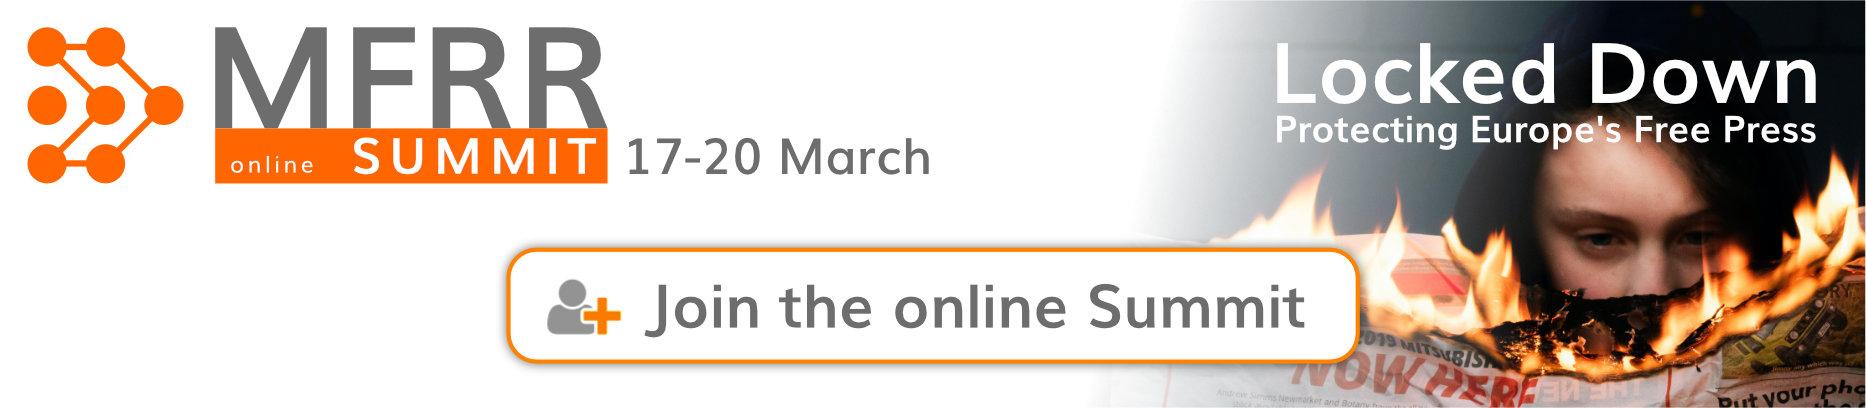 MFRR online Summit - register now